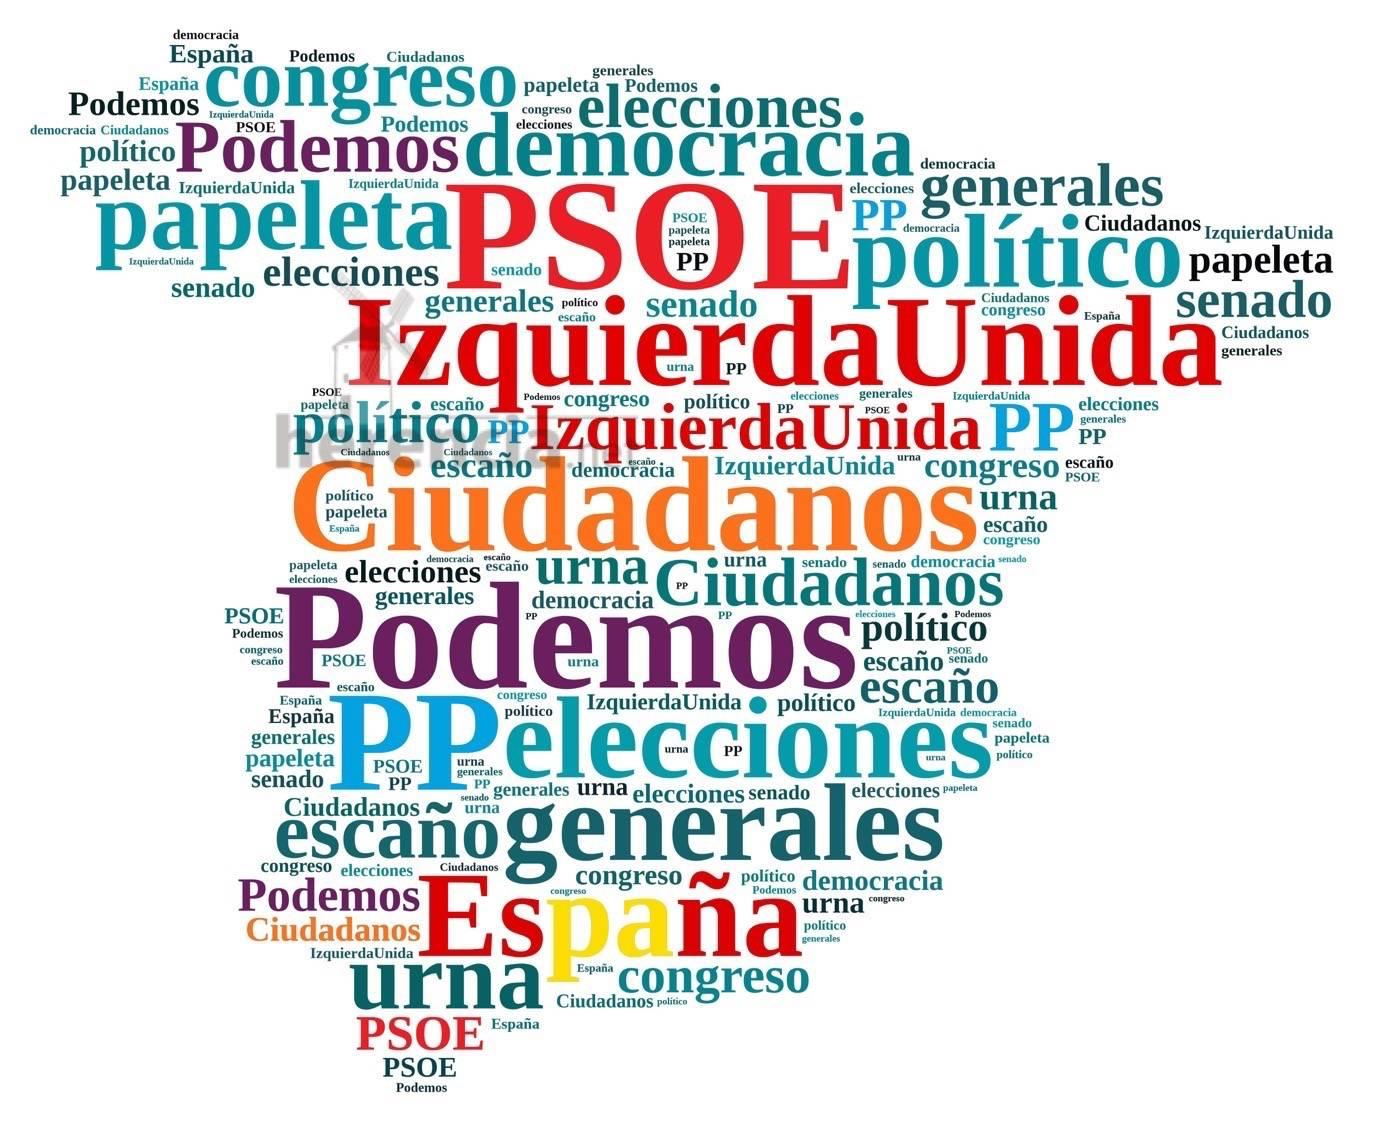 nube de partidos politicos elecciones generales - Resultados de las Elecciones Generales en España 2016